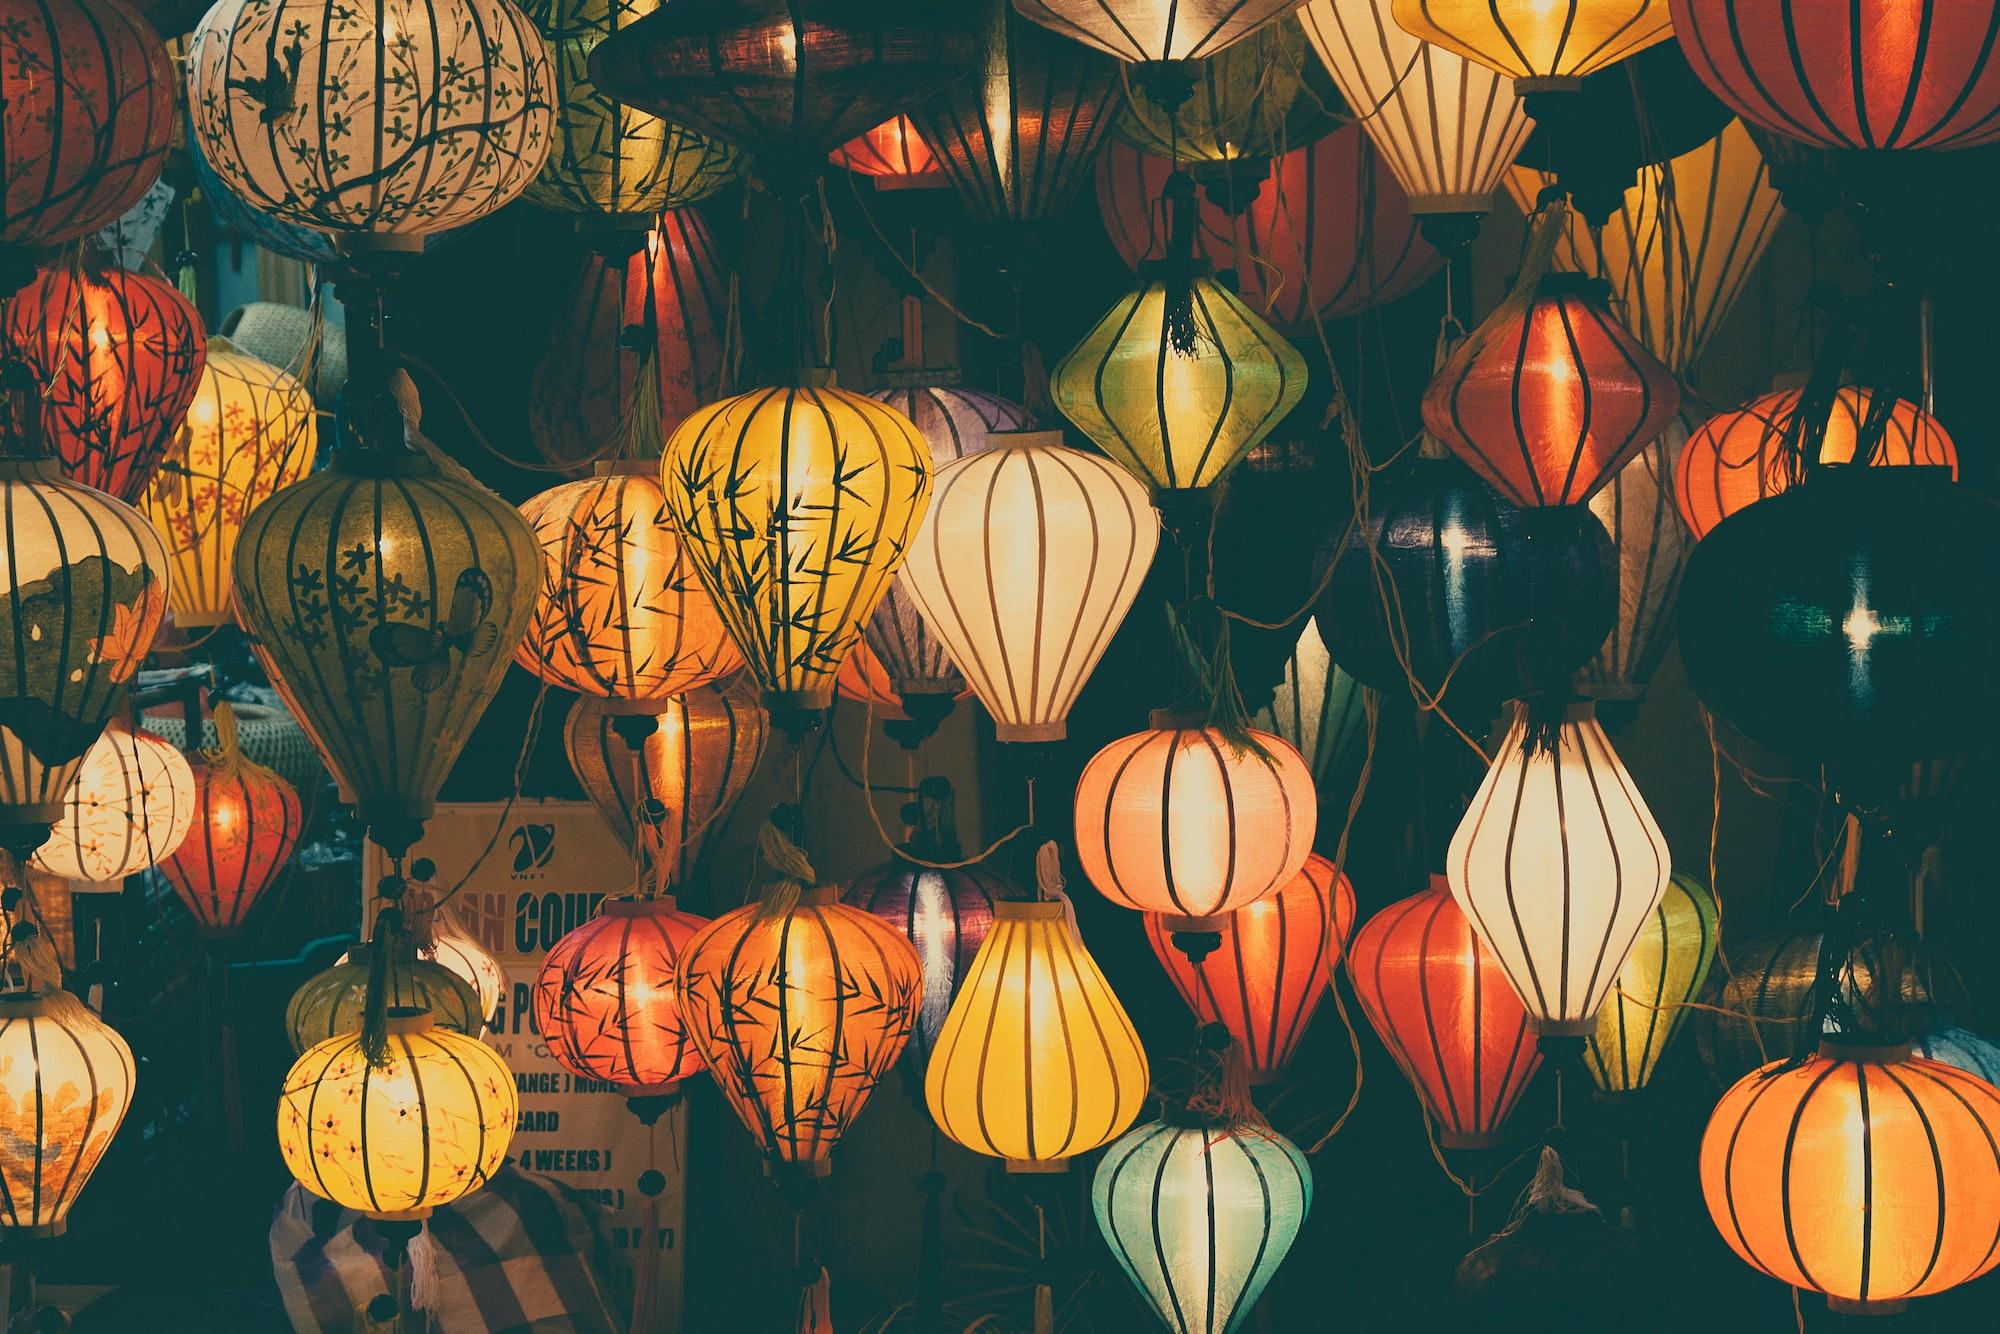 Lampignons at Hoi An